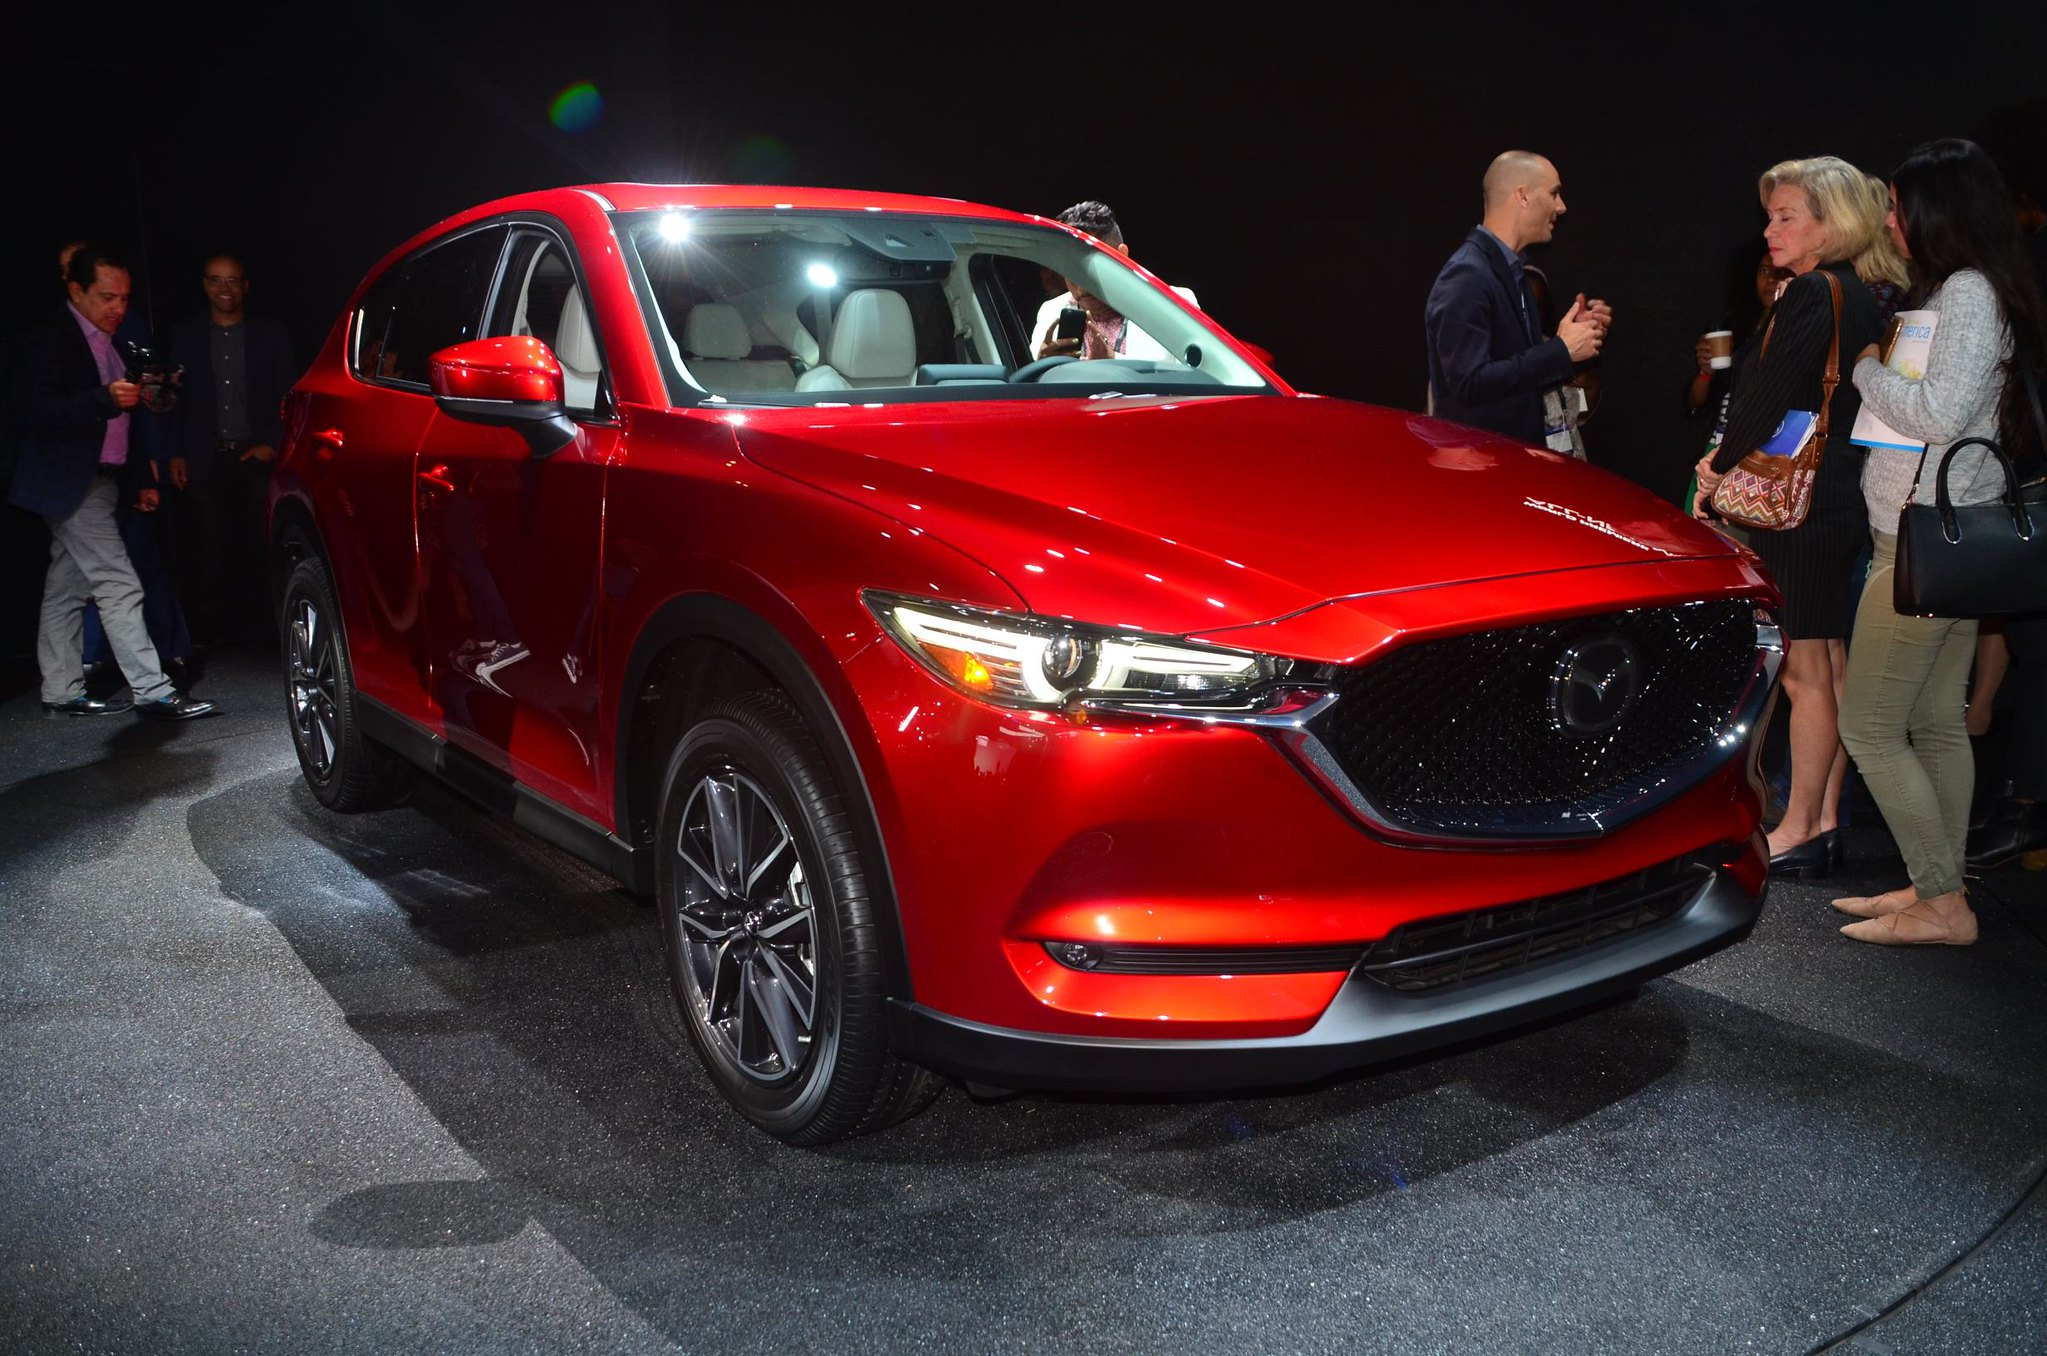 2017 Mazda CX-5 live photos: 2016 LA Auto Show